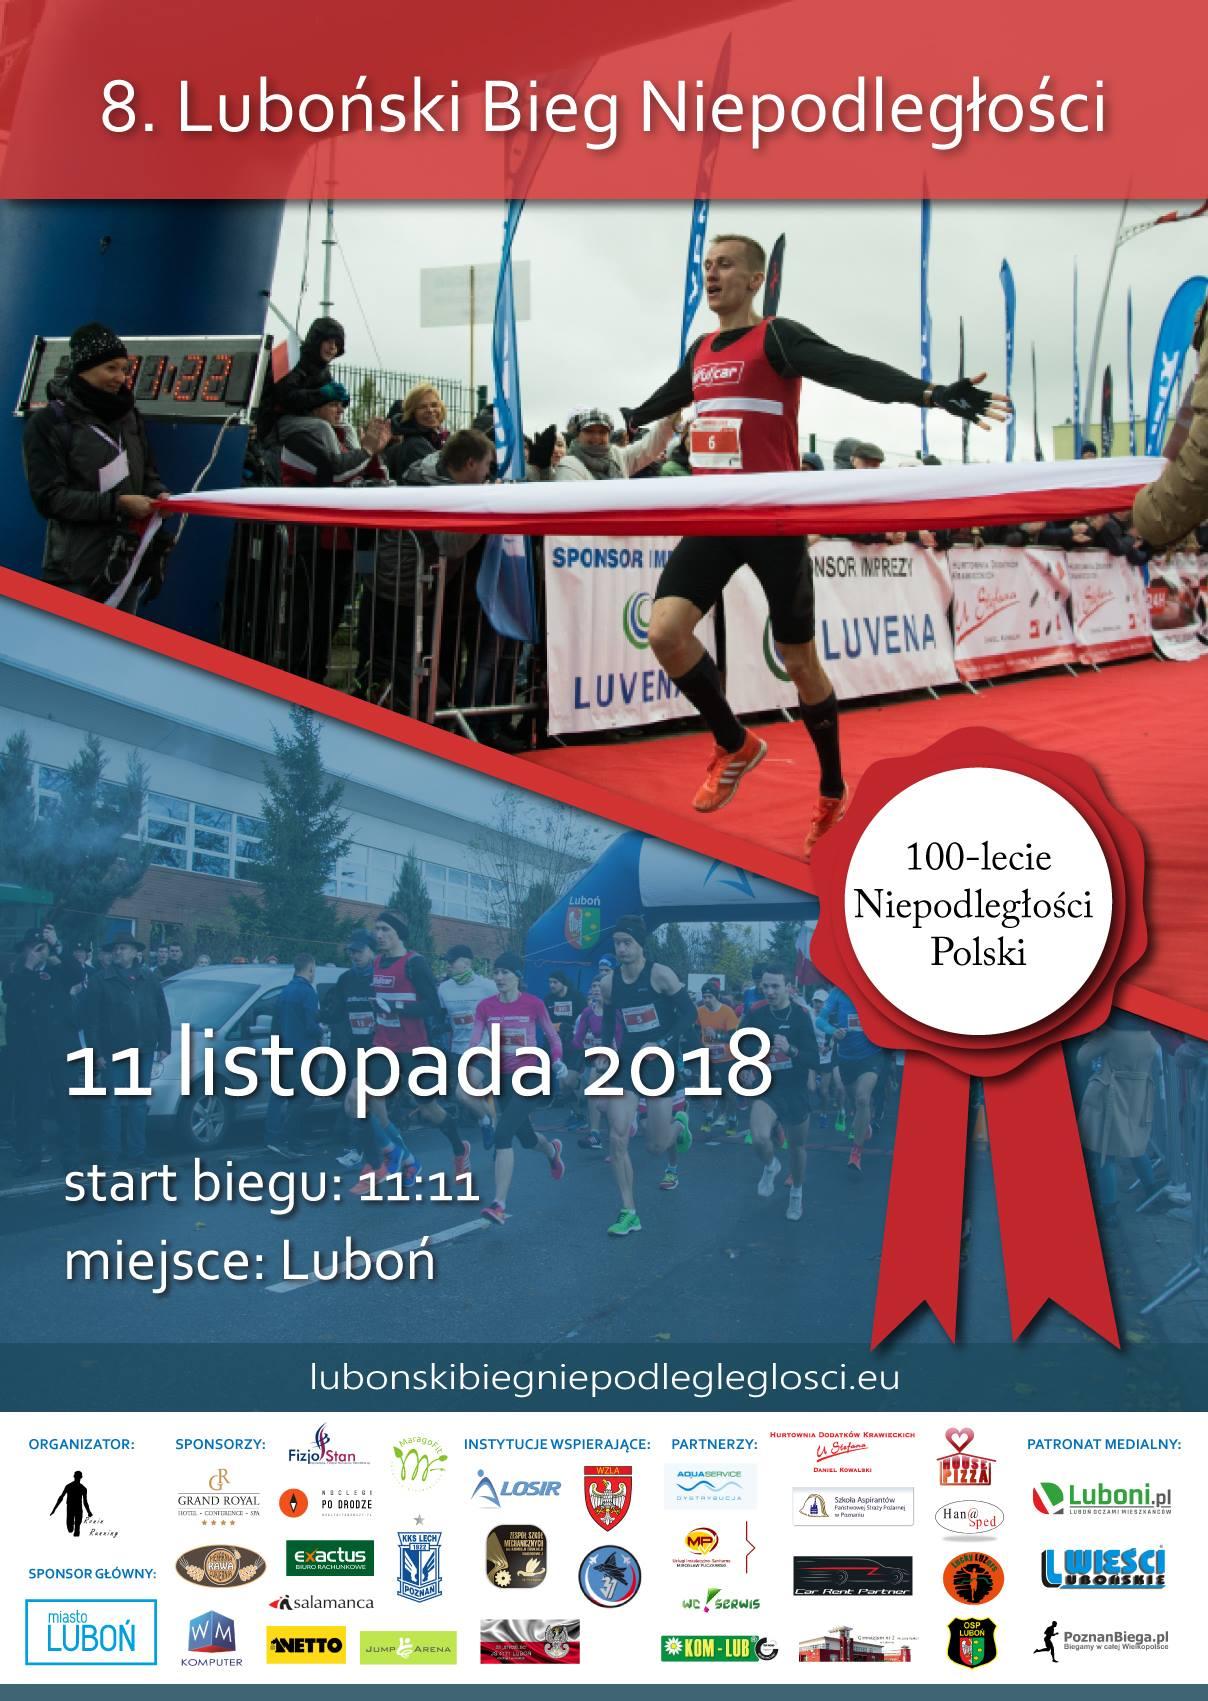 8. Luboński Bieg Niepodległości już w najbliższą niedzielę!